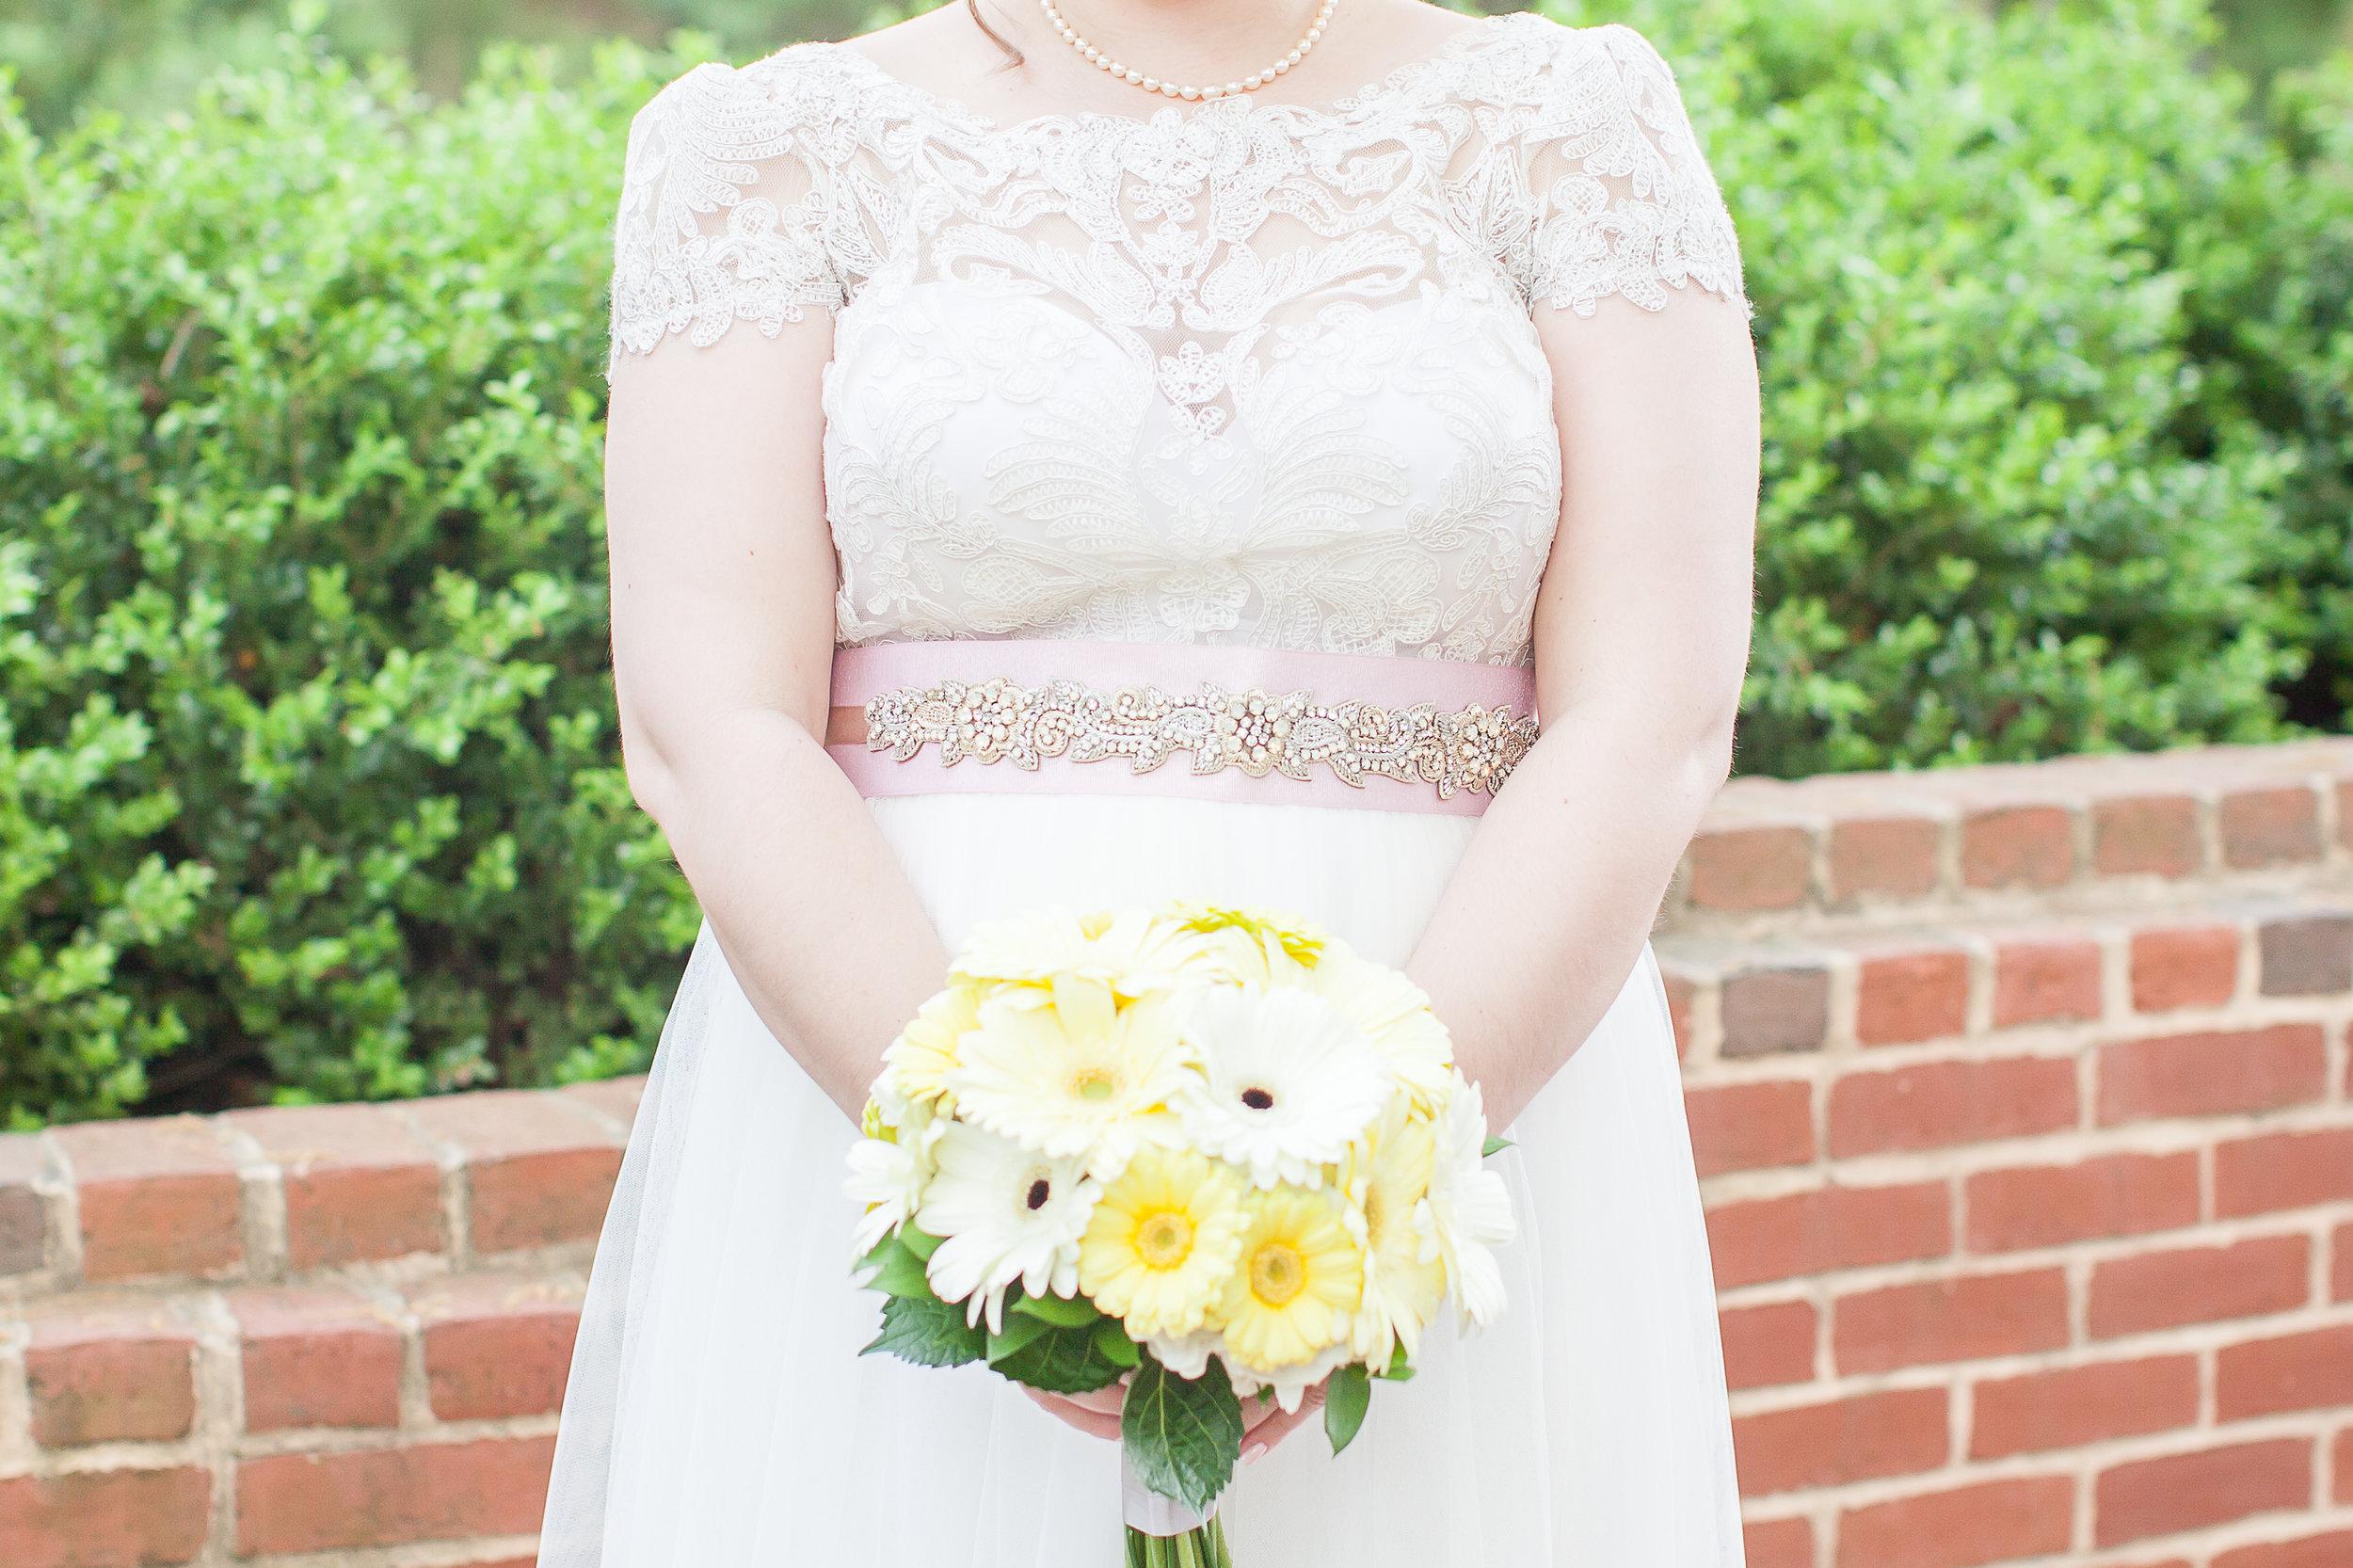 K-S-Wedding-Kim-Pham-Clark-Photography-294.jpg